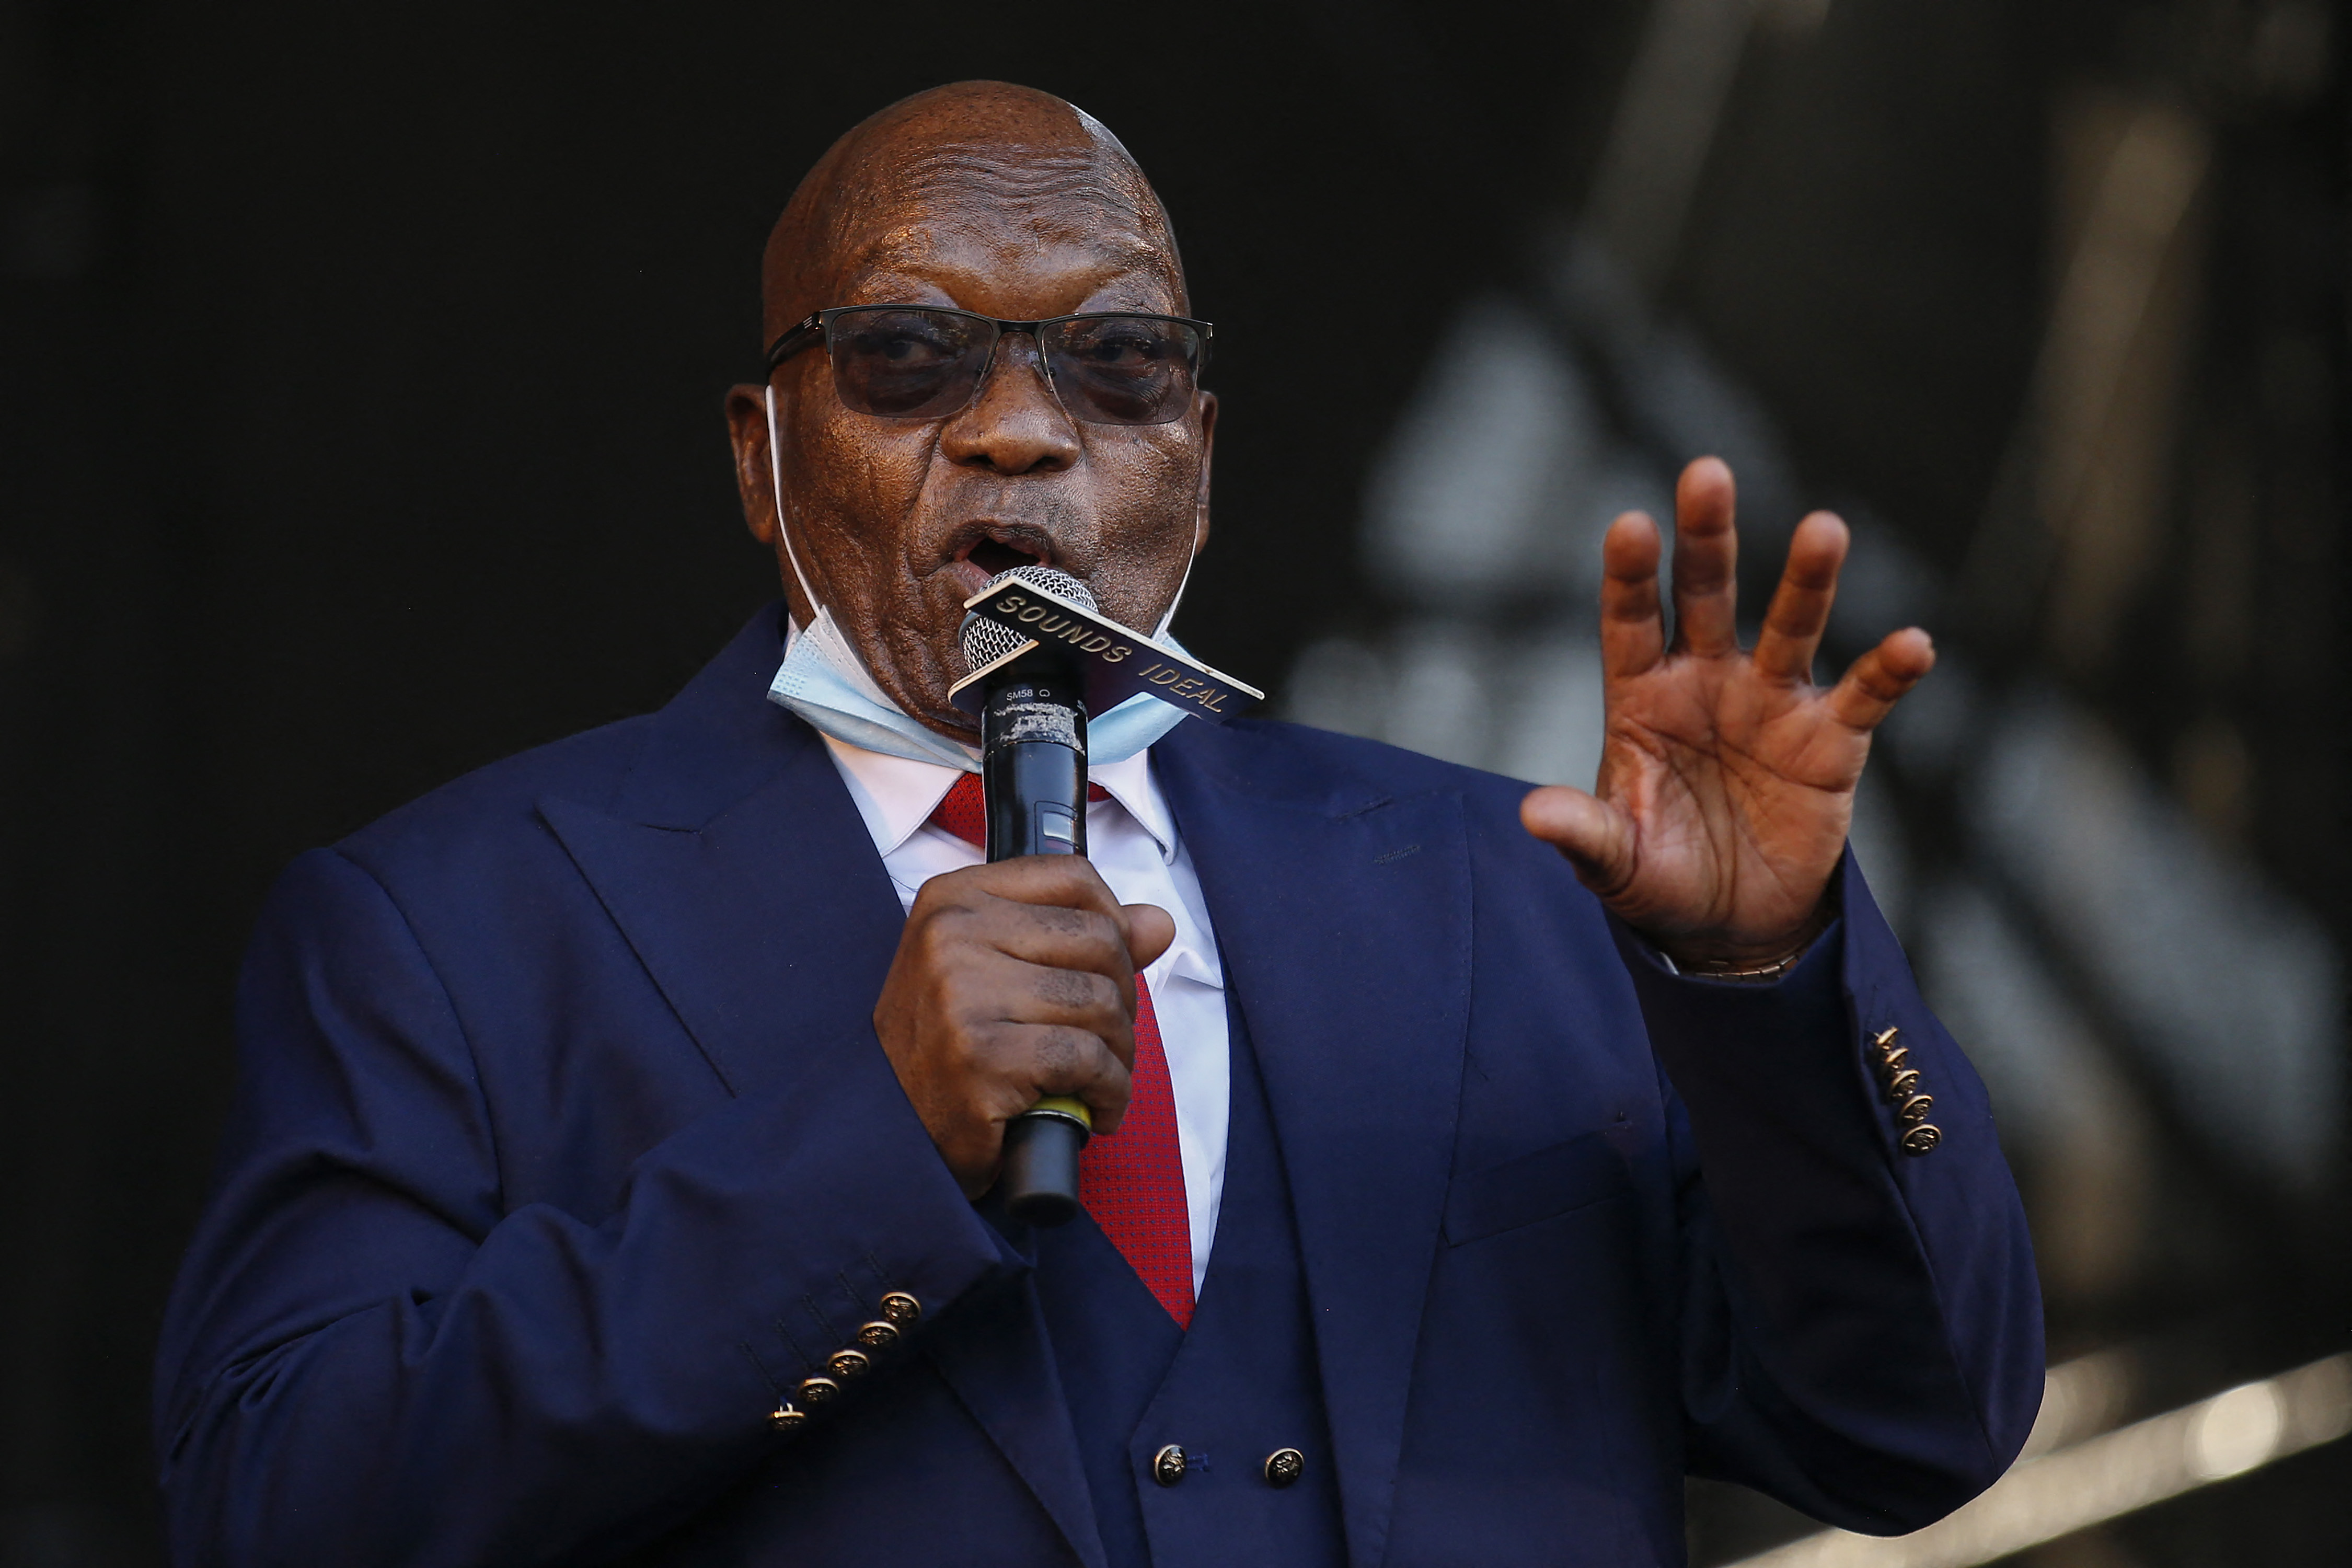 15 hónapra bebörtönzik Dél-Afrika volt elnökét